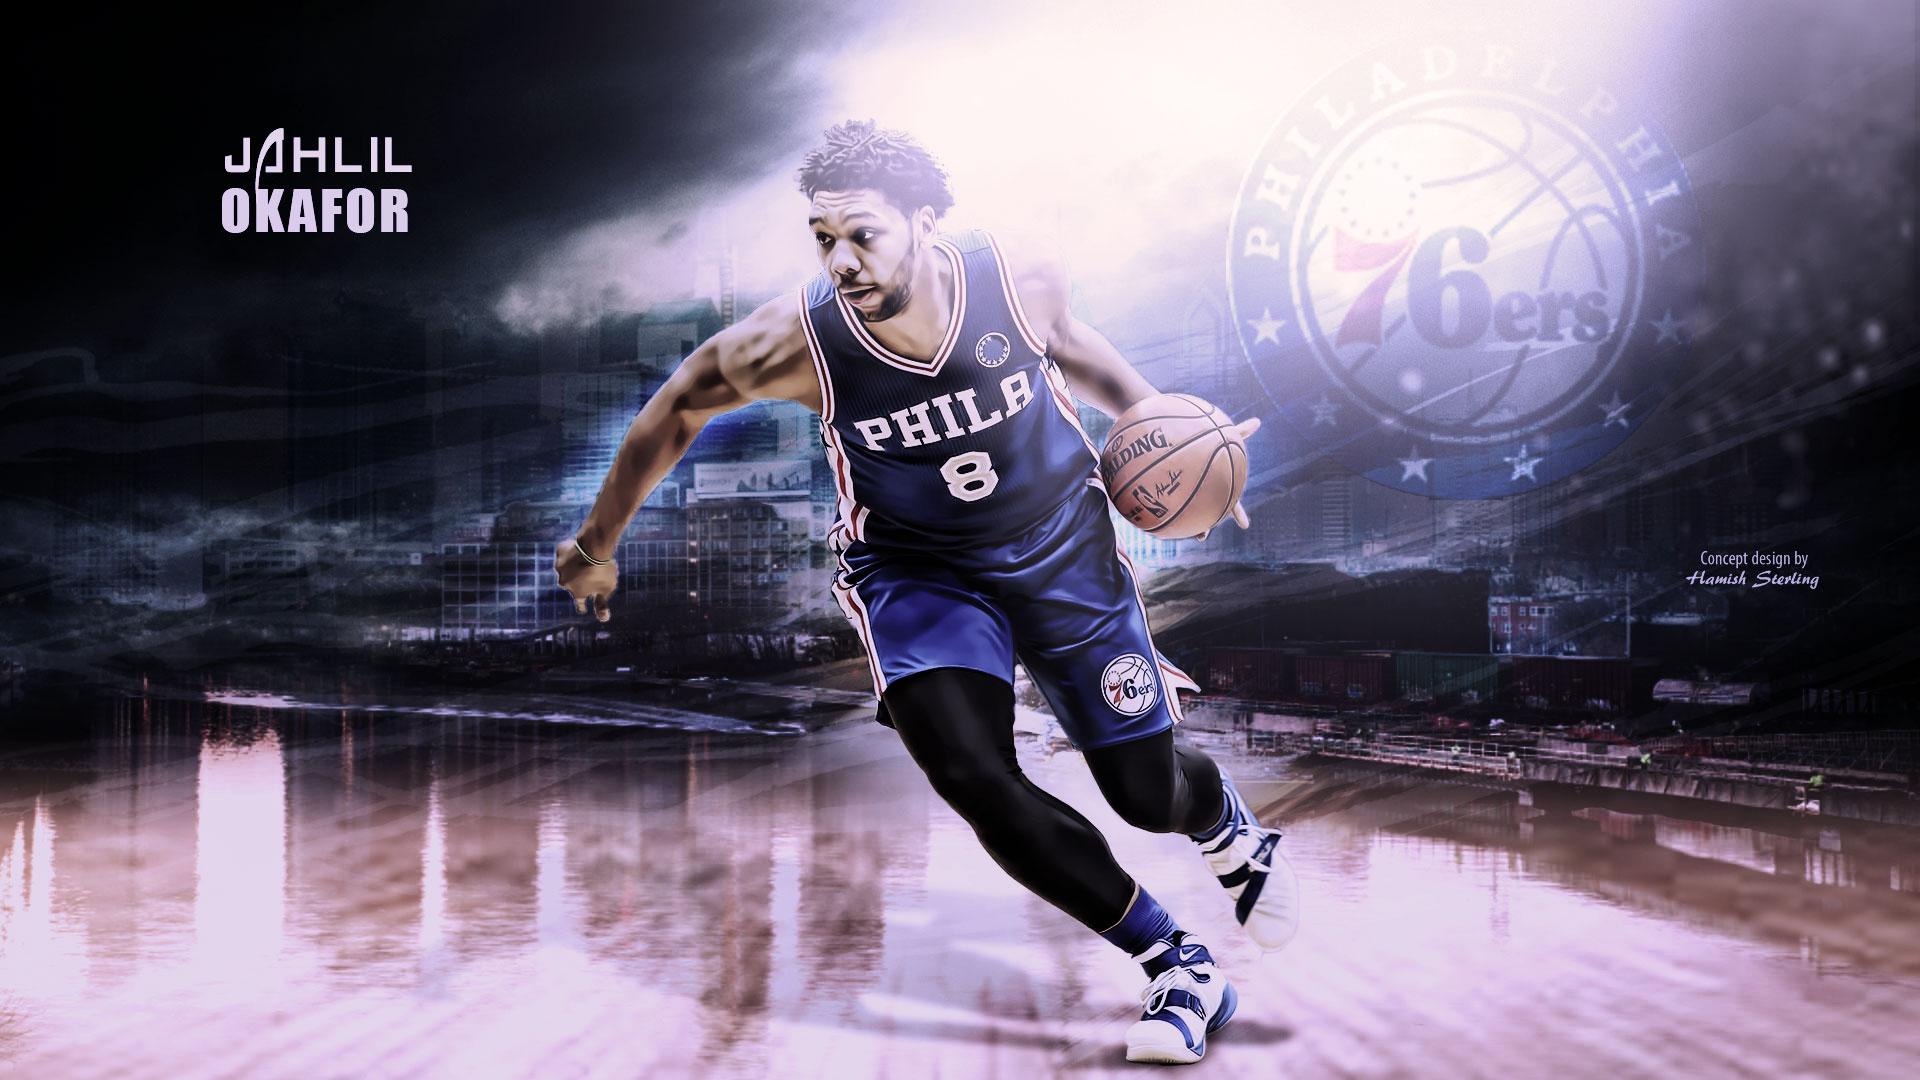 Jahlil Okafor Philadelphia 76ers 2016 Wallpaper